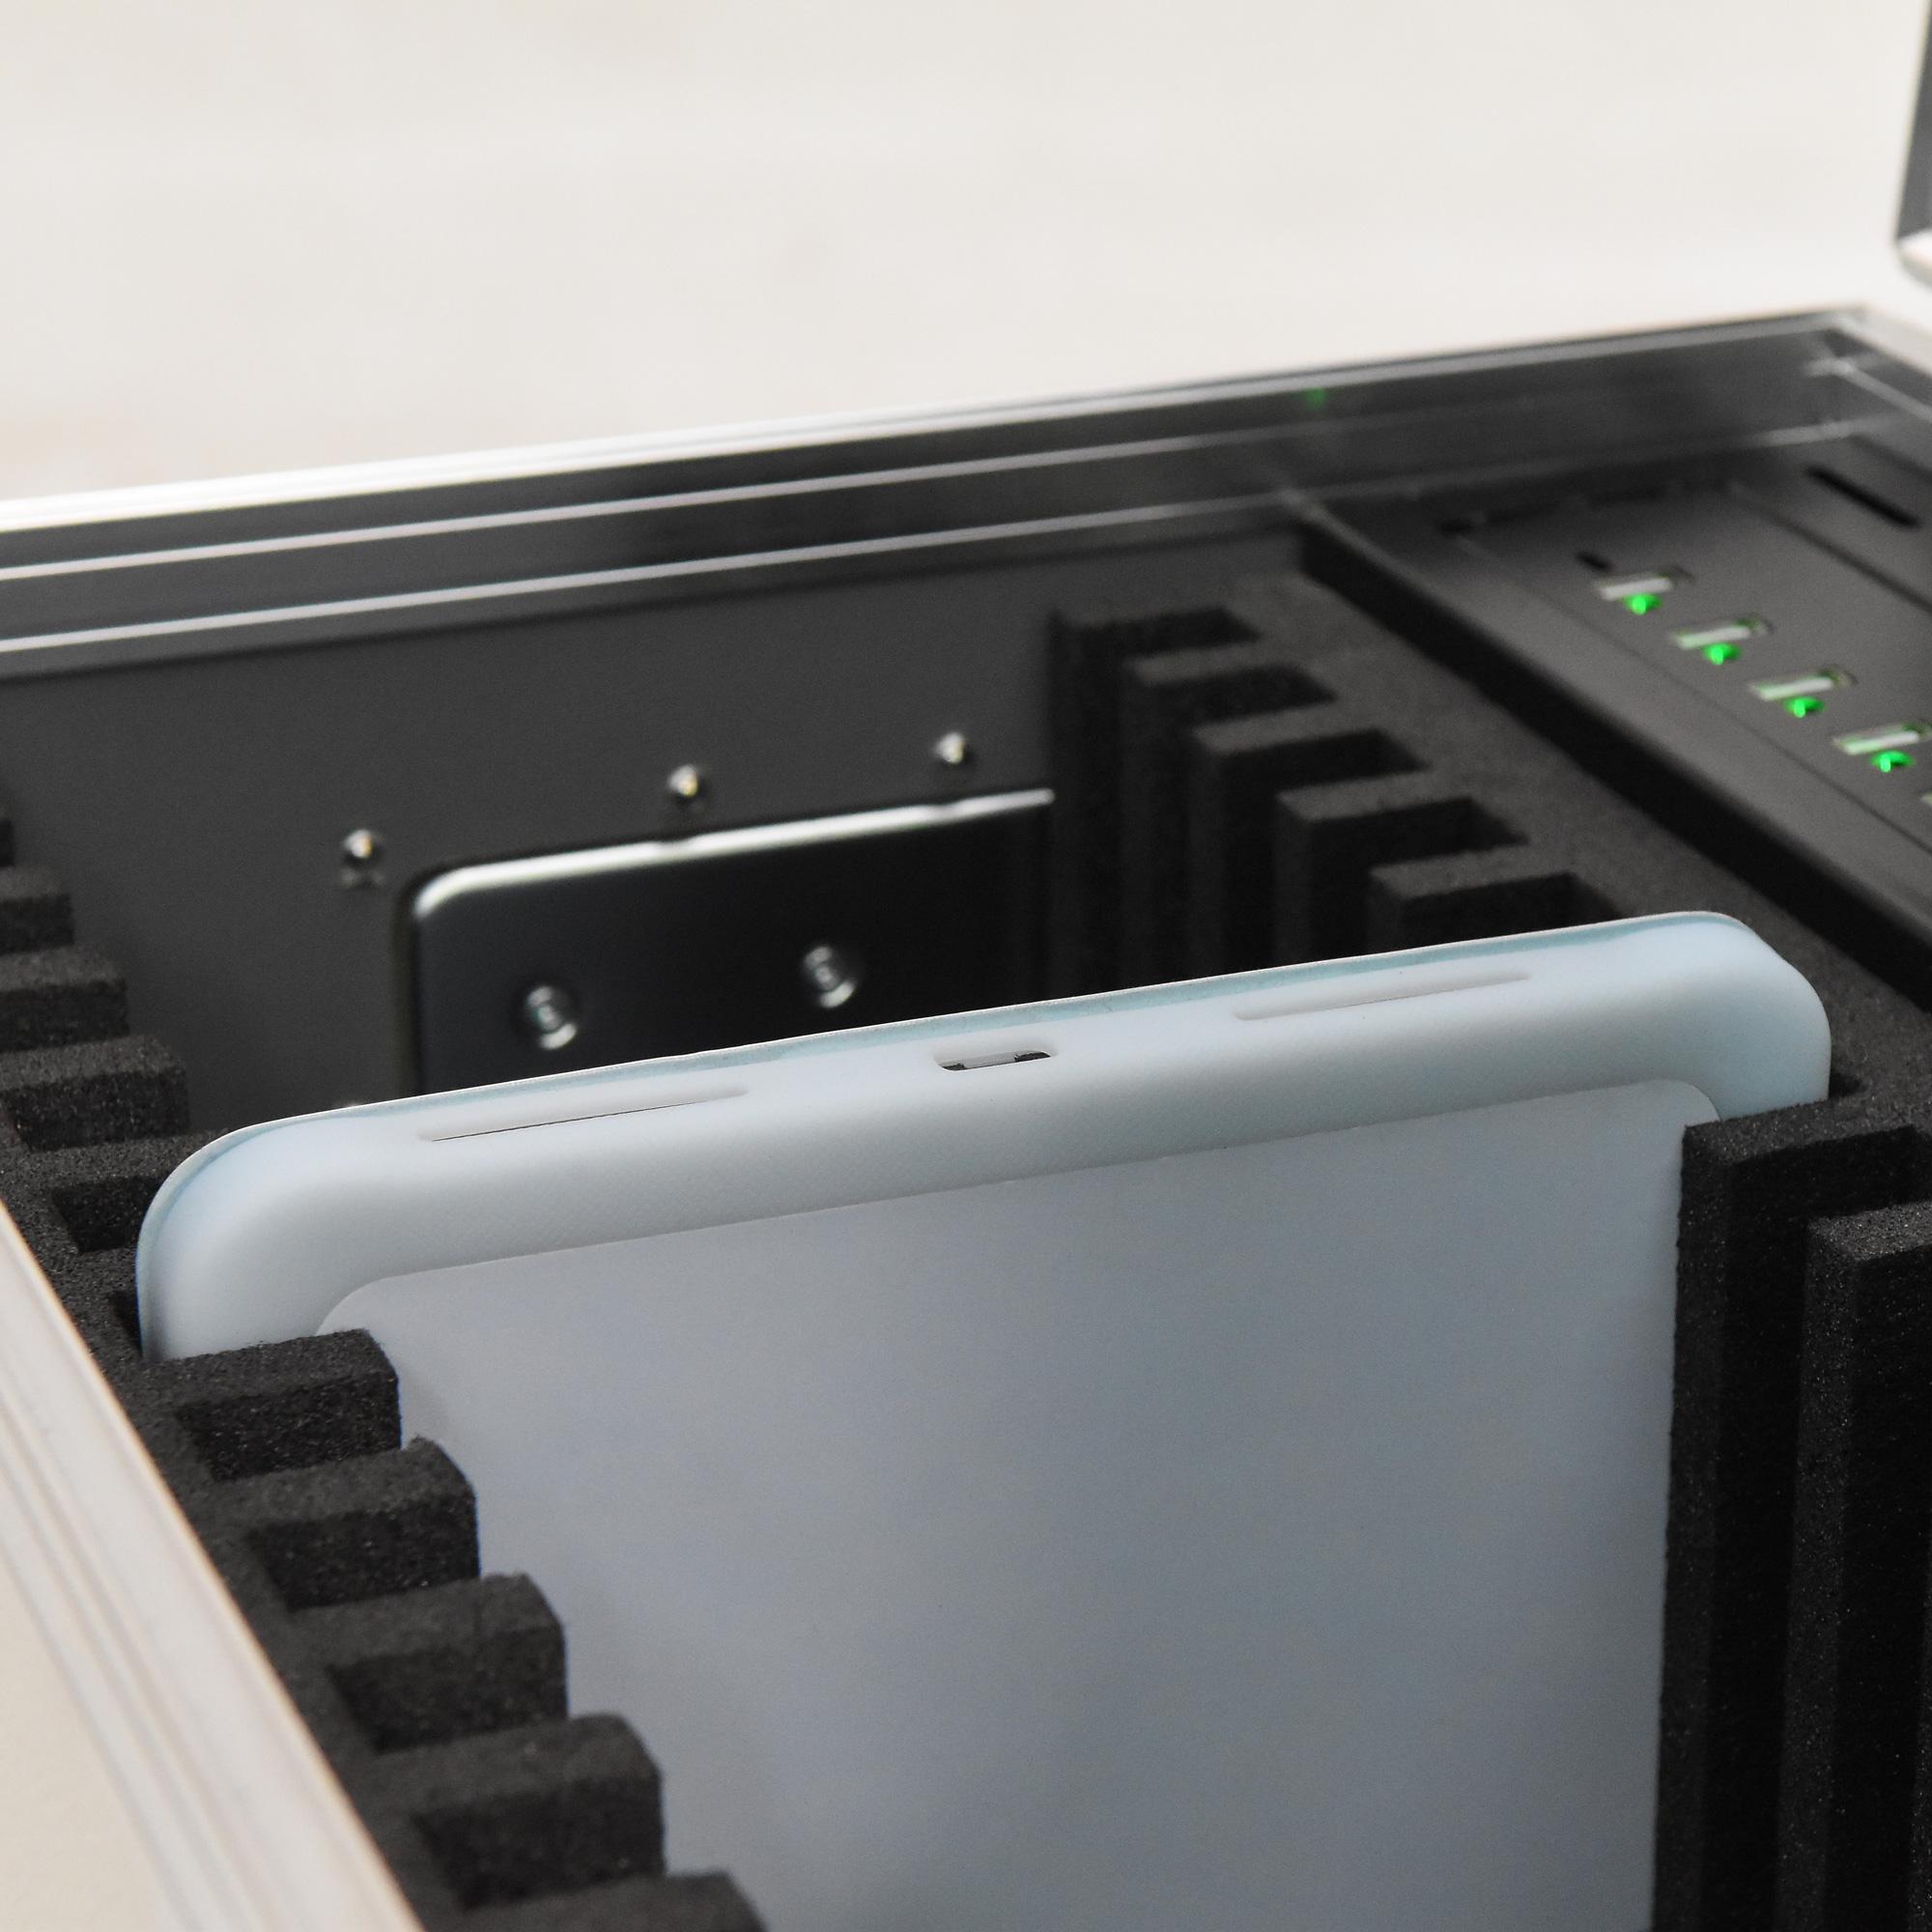 Tabletgröße bis Länge 264mm / Breite 188-200mm / Dicke 18mm - für iPad und Tablets im 4/3 Format 14100-S4-3